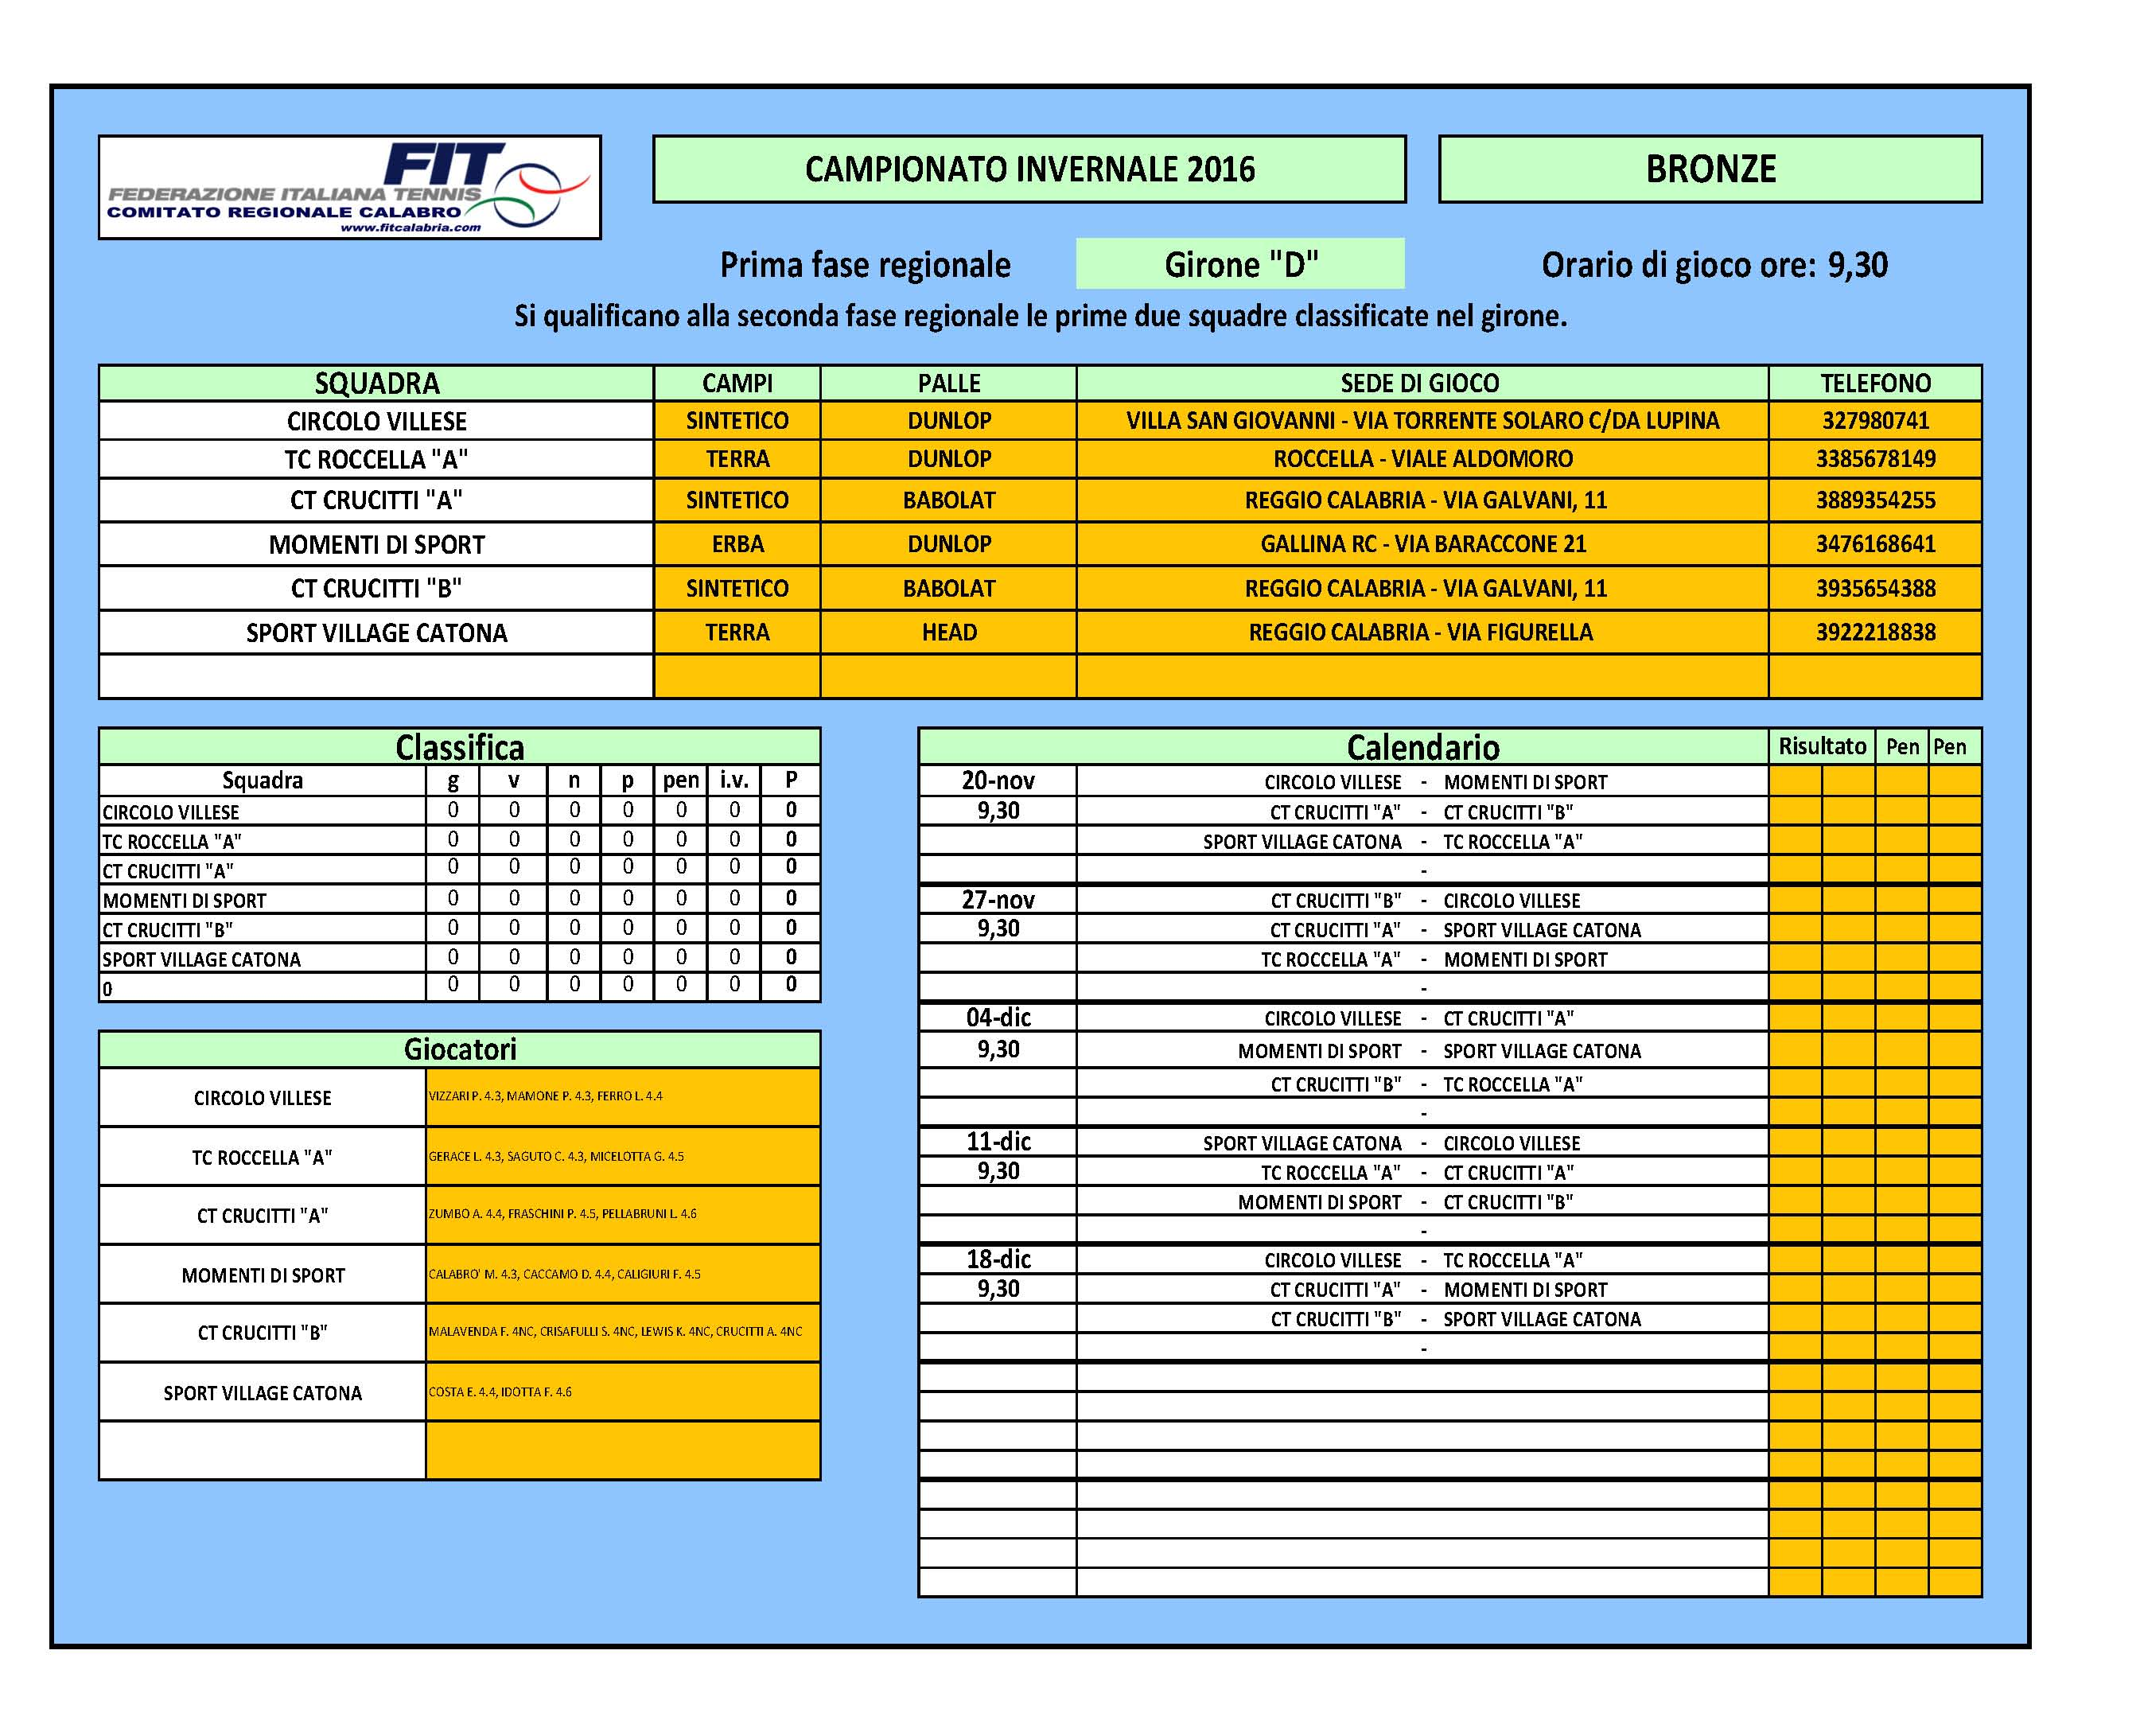 calendario-bronze-m-2016-girone-d